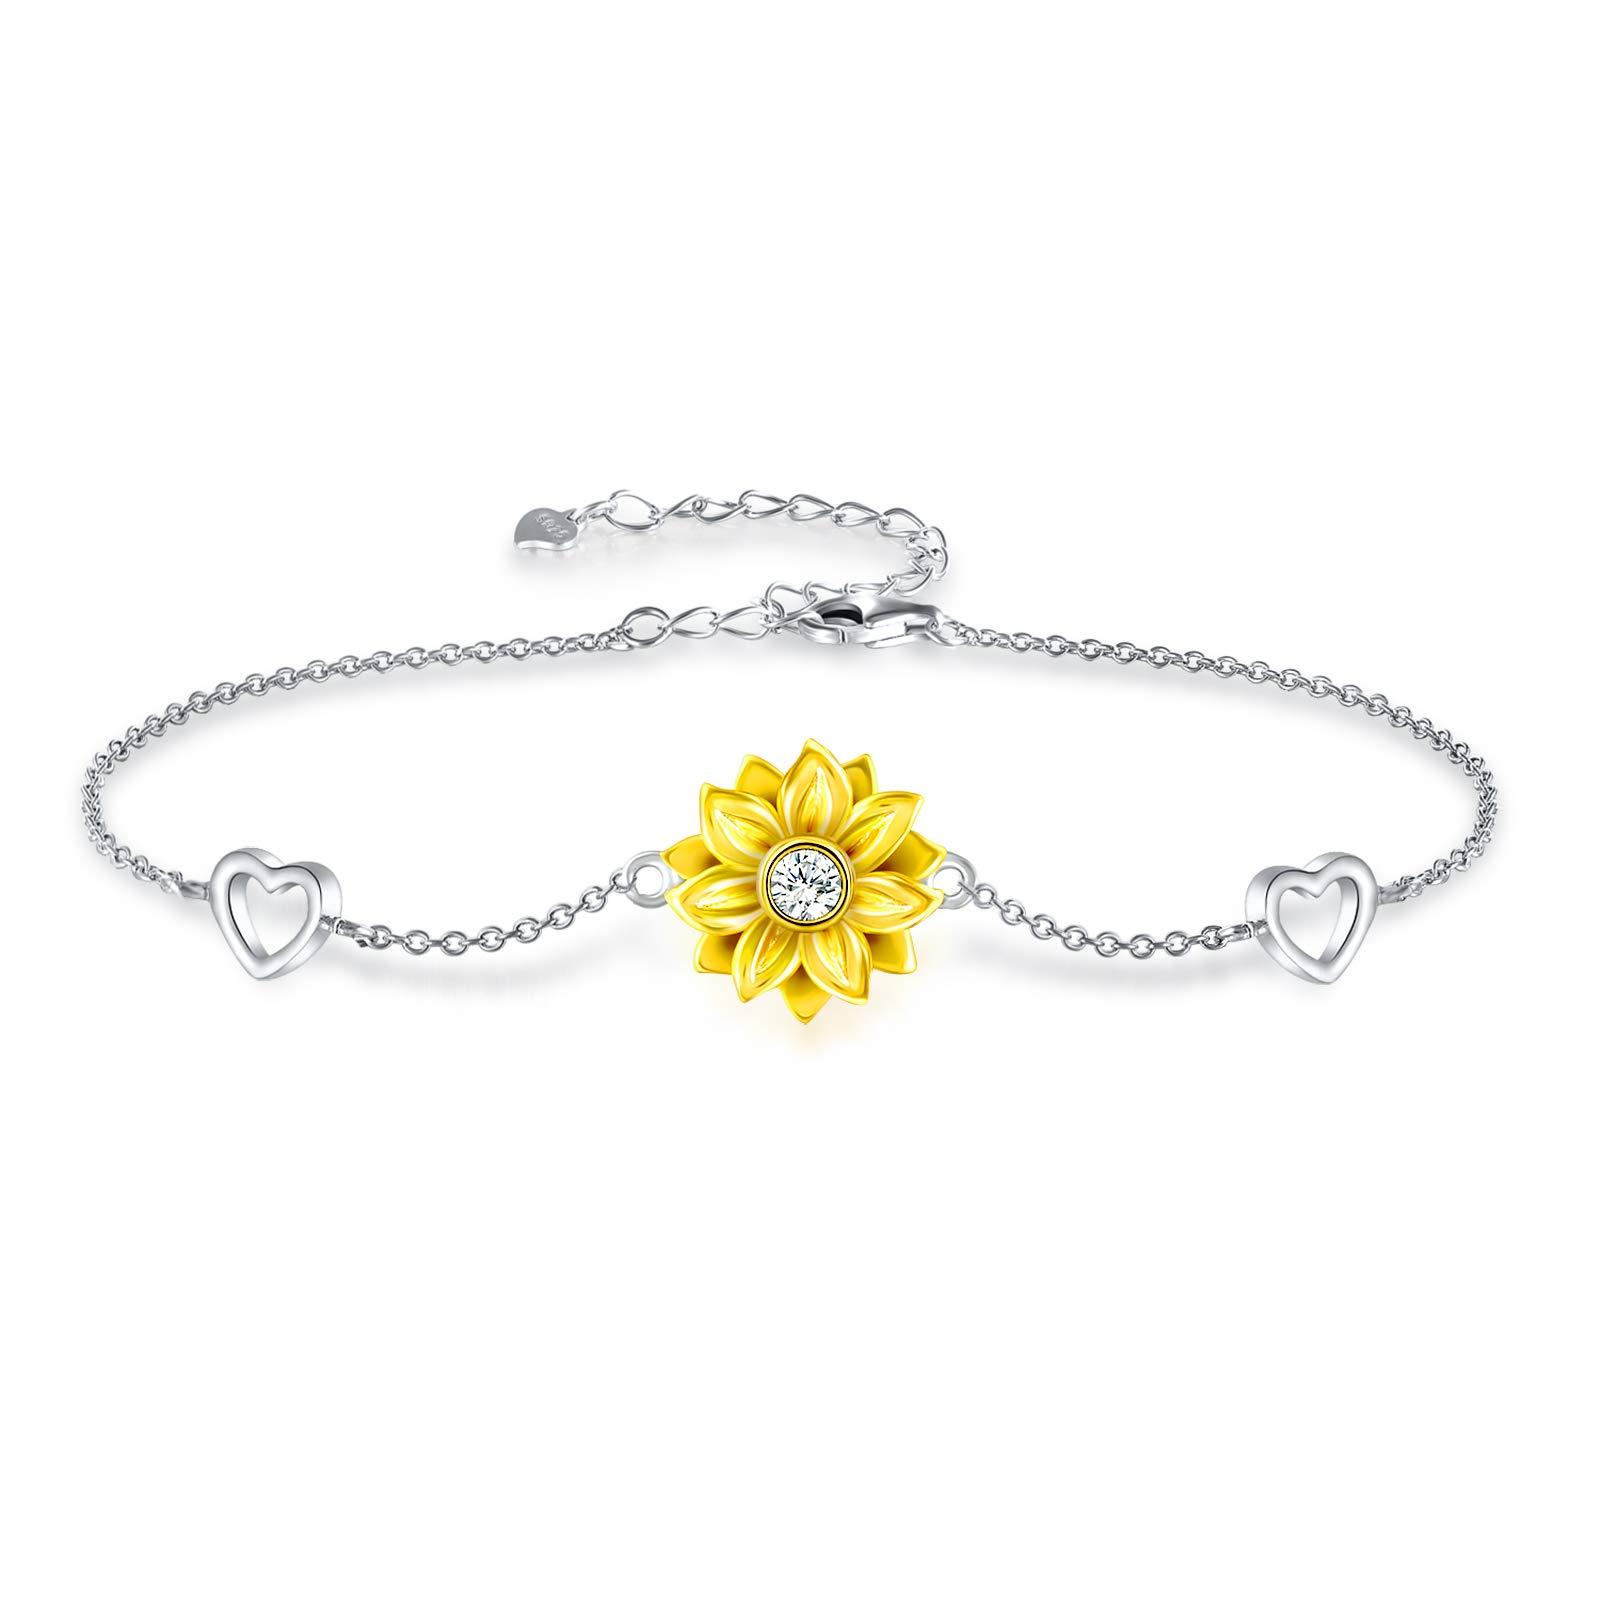 925 Sterling Silver Bracelet for Women Adjustable Sunflower Heart Charm Bracelet Christmas